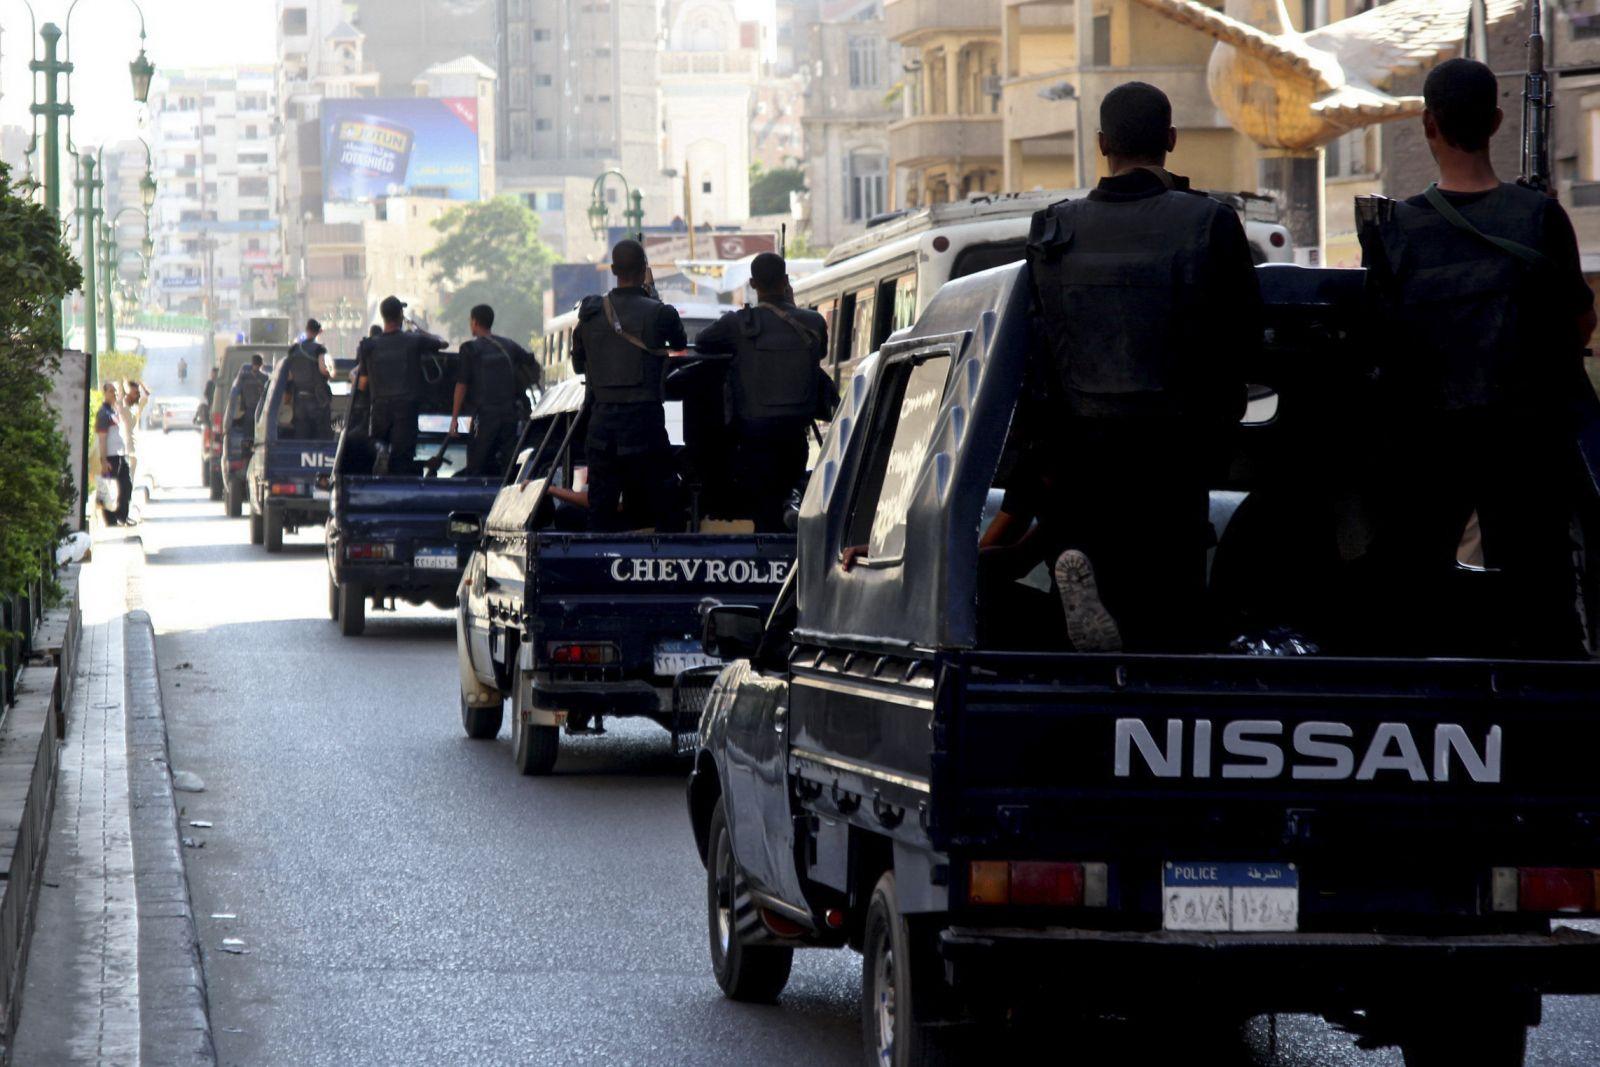 ضبط 24 متهم و15 قطعه سلاح في حملة أمنية بالشرقية